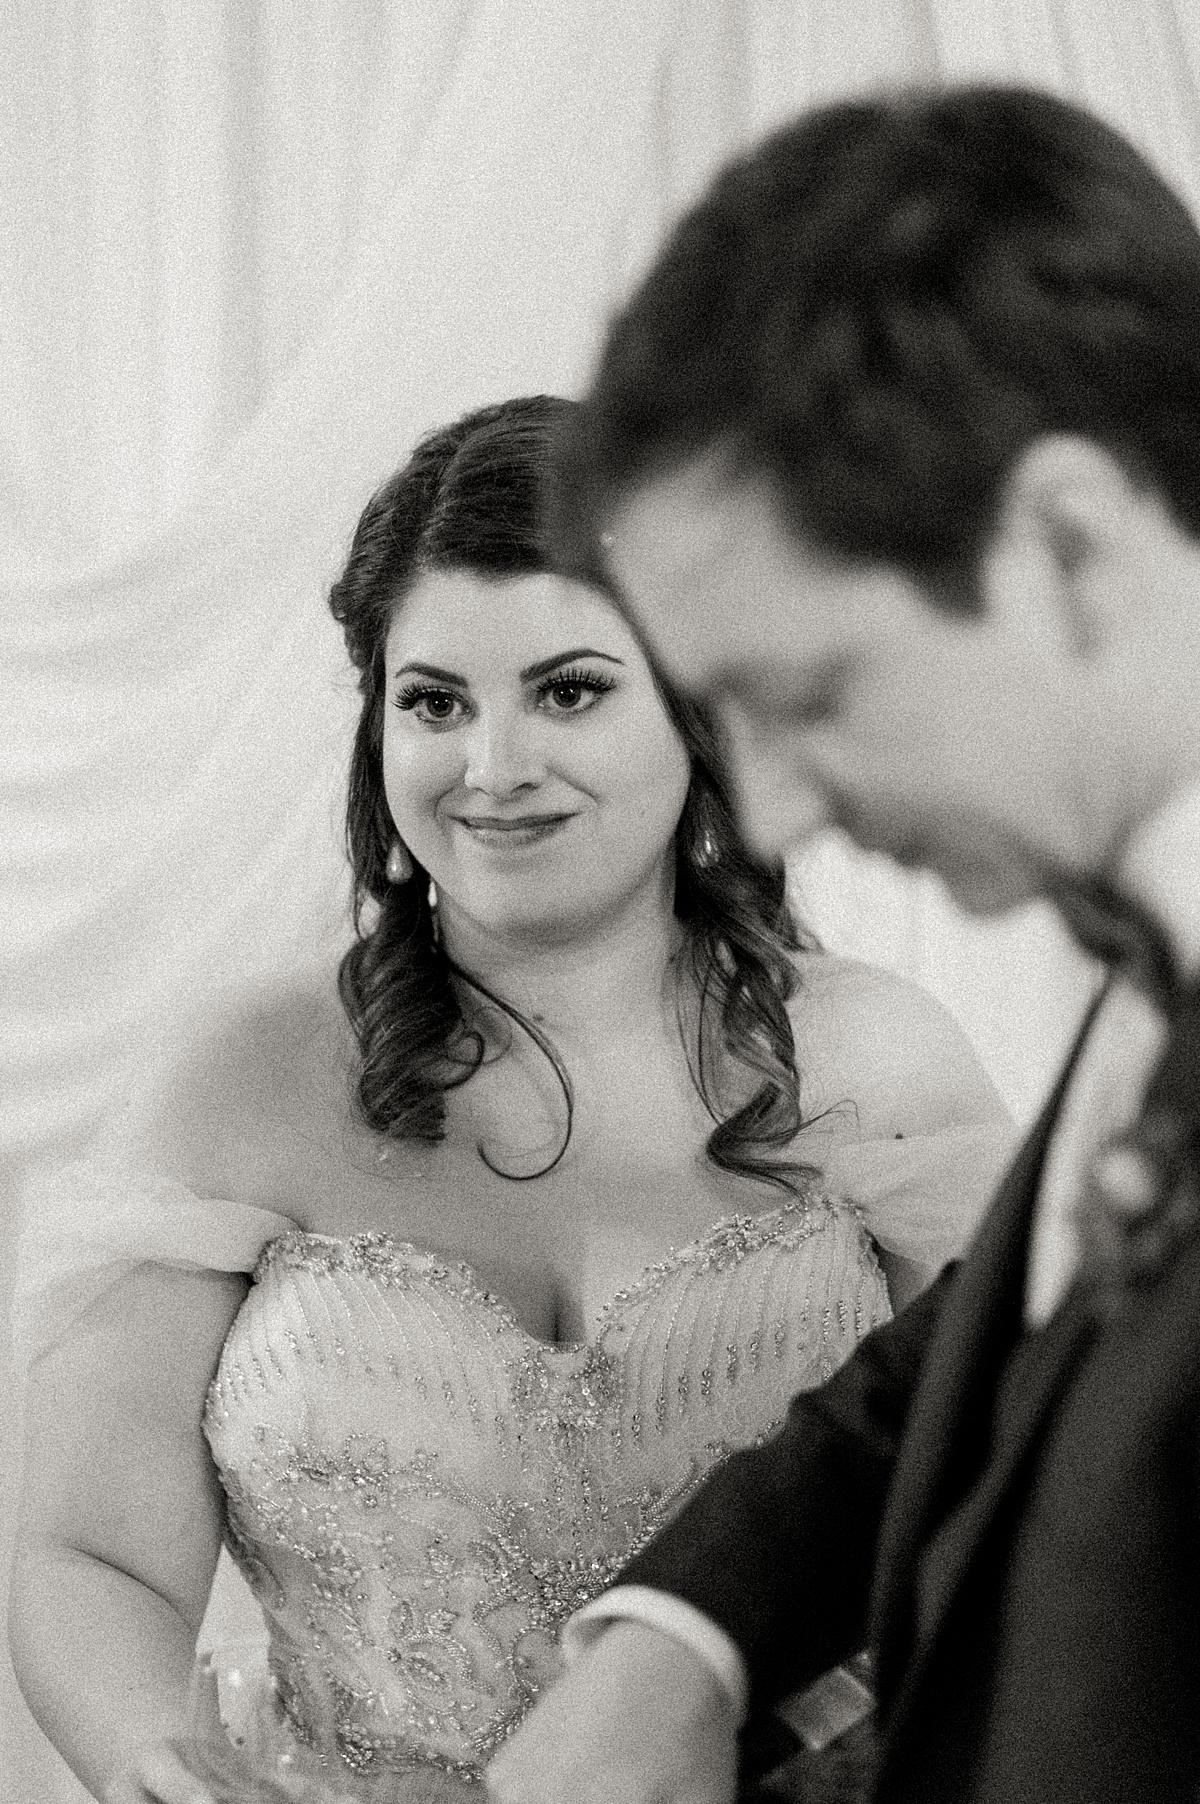 celtic-mississippi-wedding_76.jpg